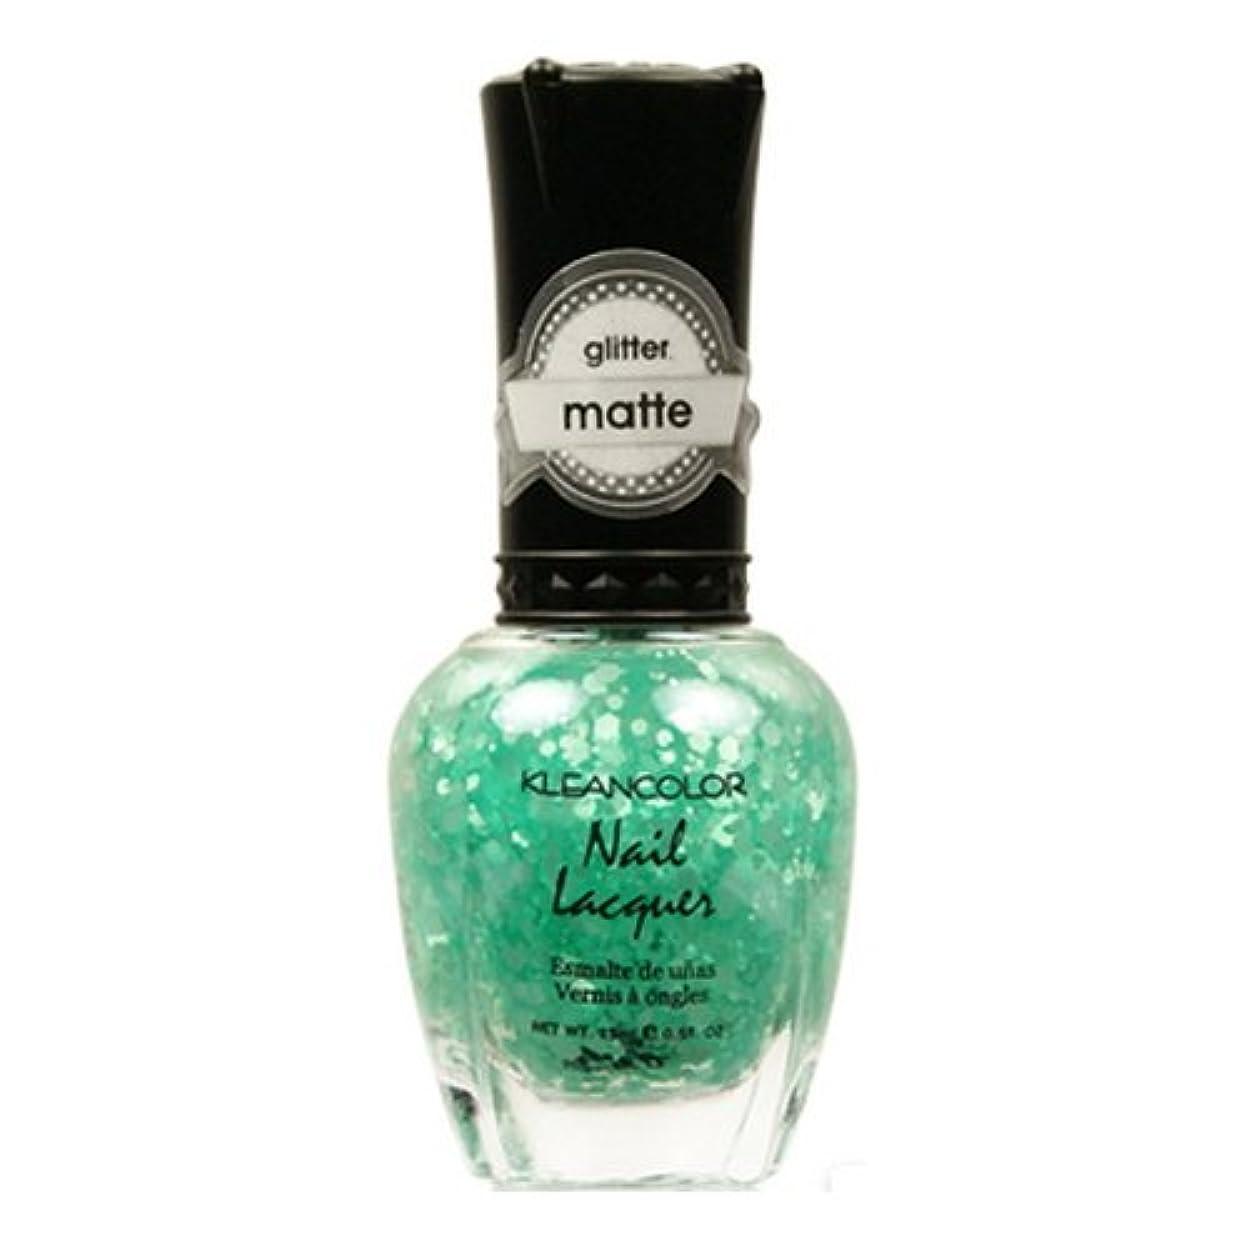 喉が渇いた破裂彼らは(6 Pack) KLEANCOLOR Glitter Matte Nail Lacquer - On-Off Relationship (並行輸入品)